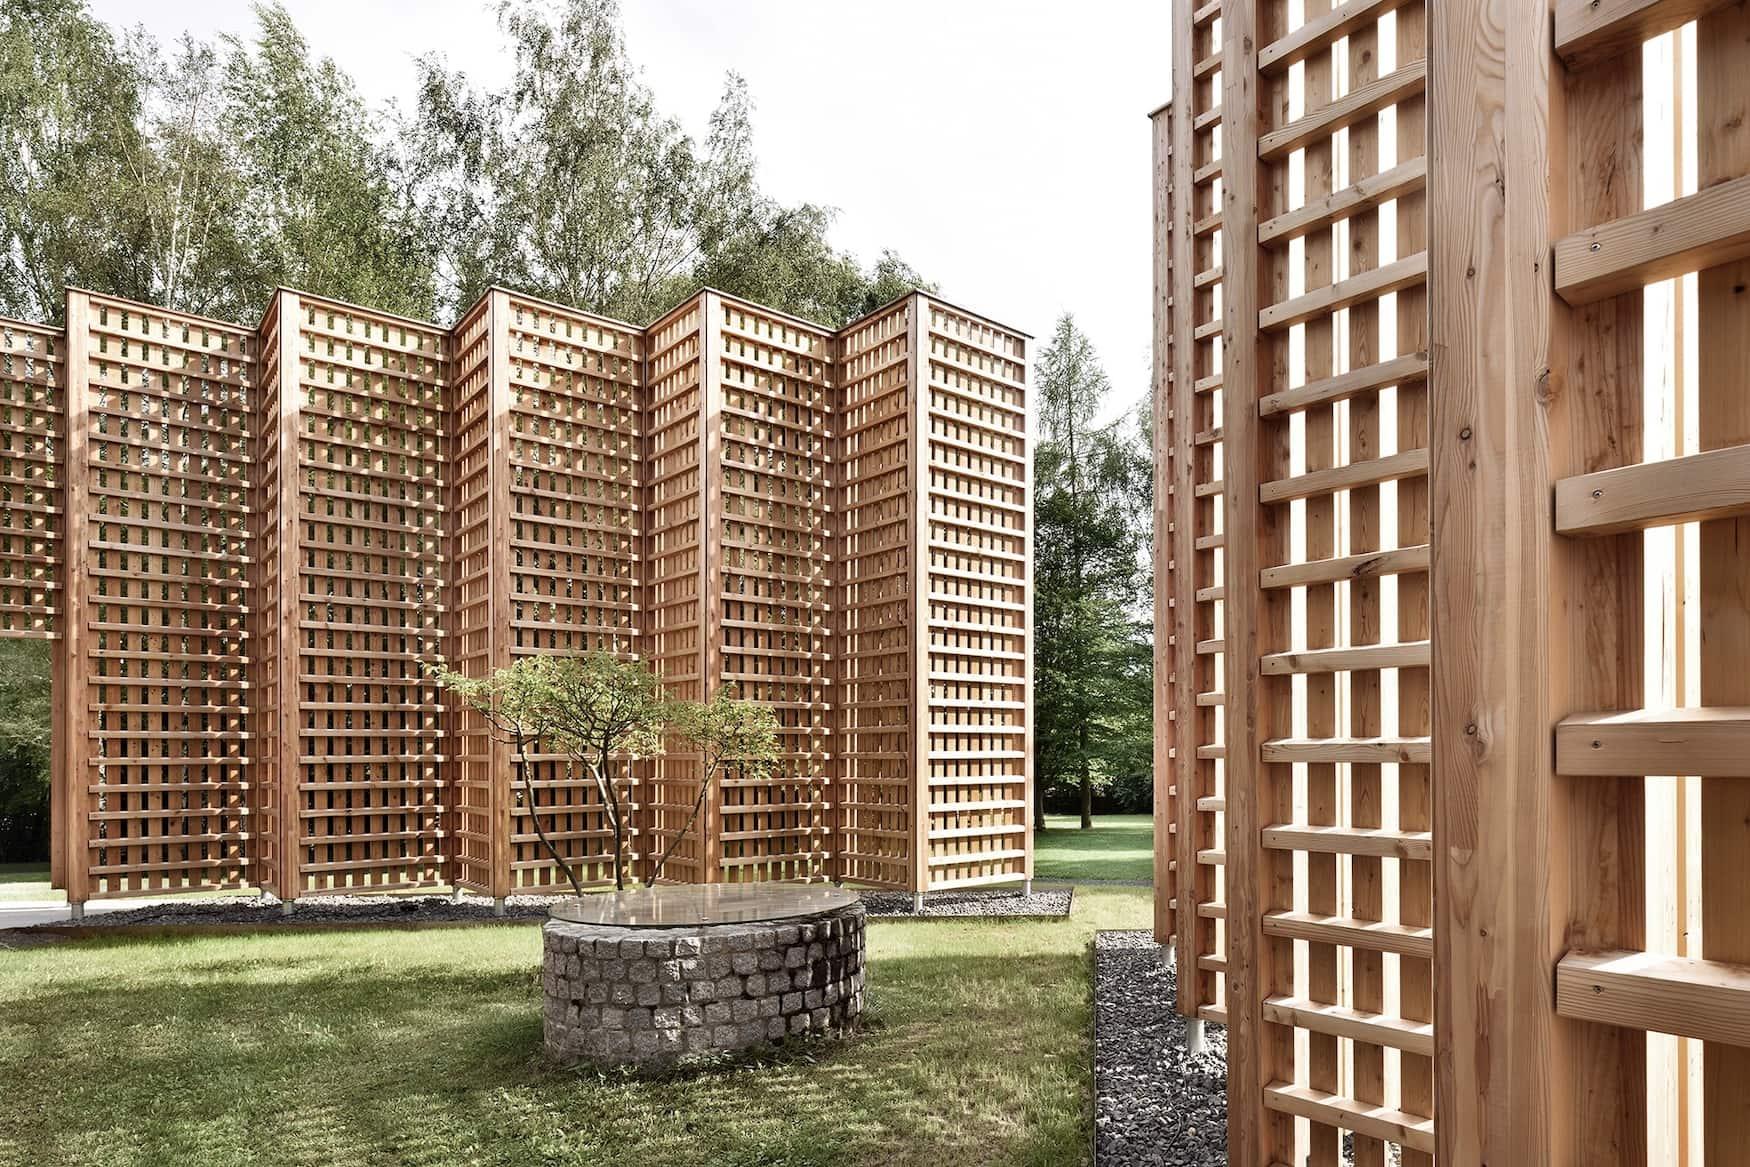 Im Architekturhotel Biohotel Sturm setzt man auf natürliche Materialien